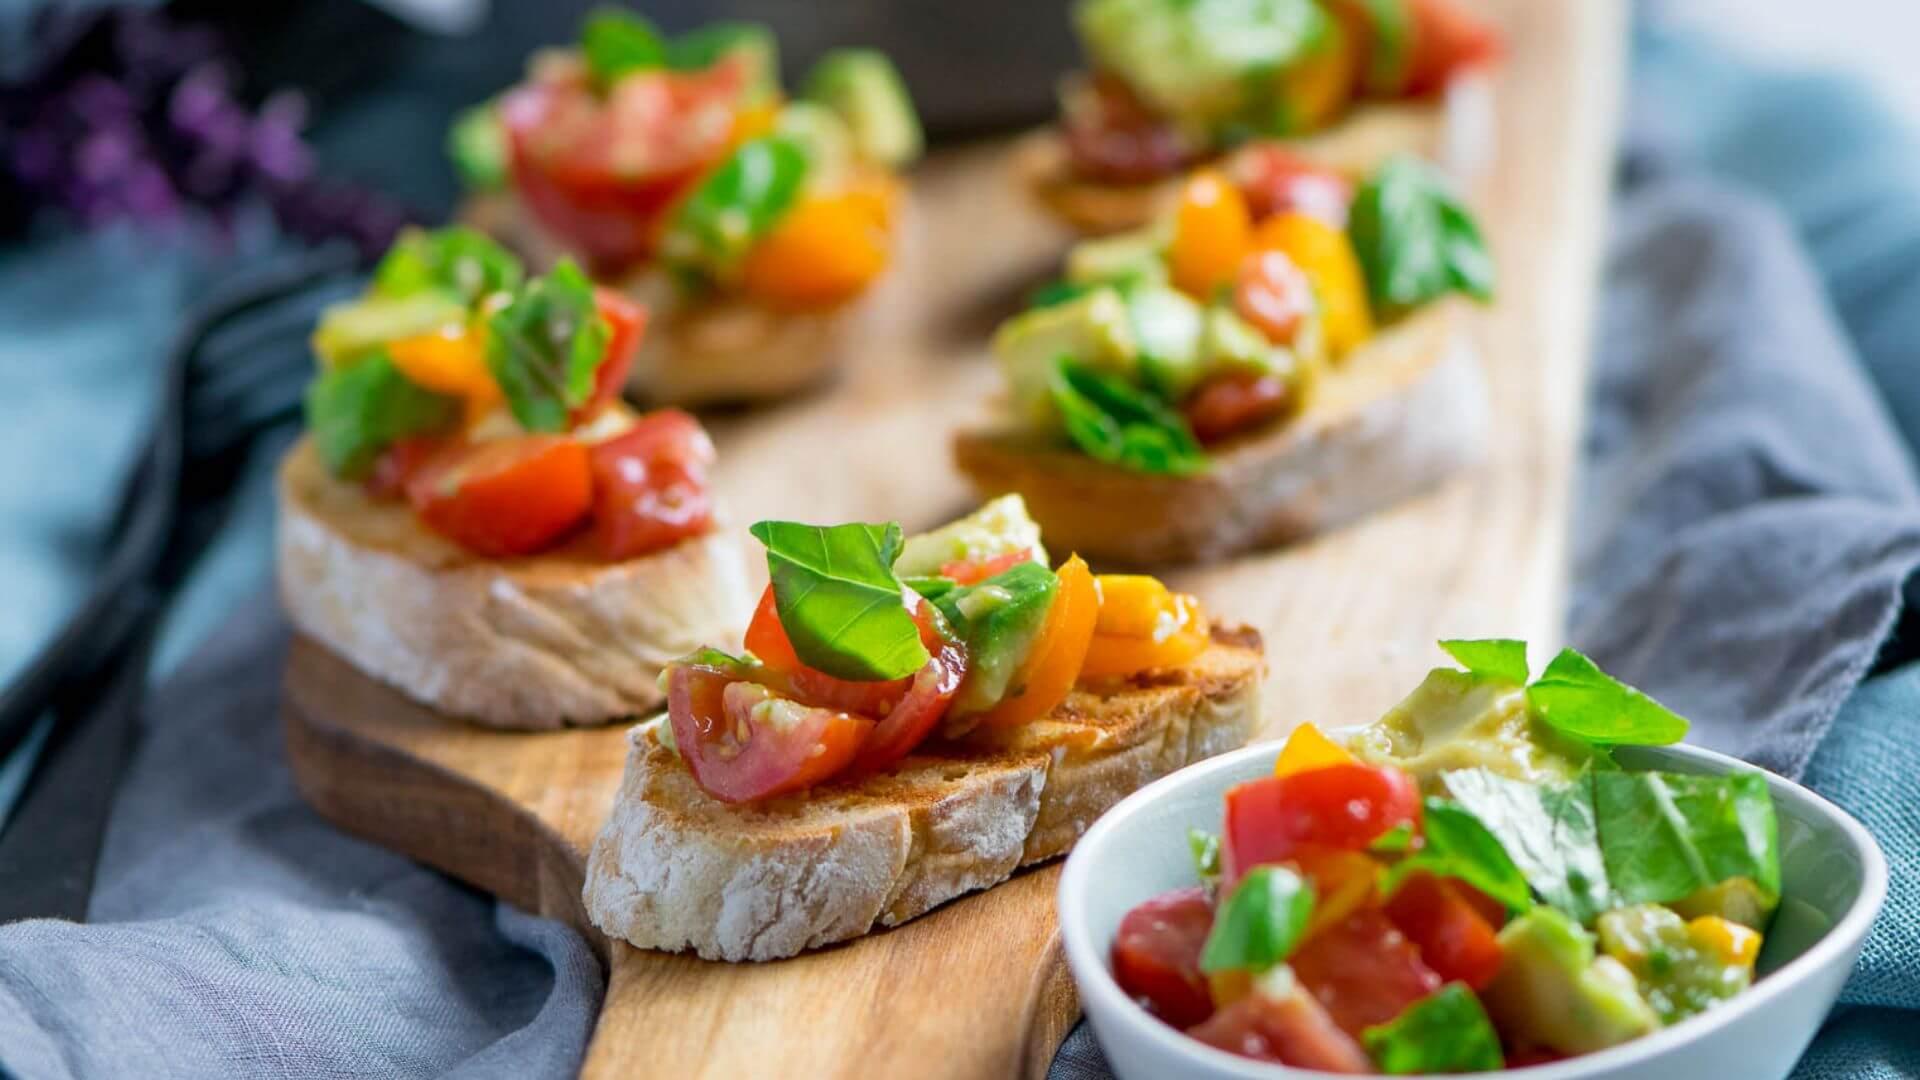 Super lecker und genial erfrischend - Avocado auf Röstbrot